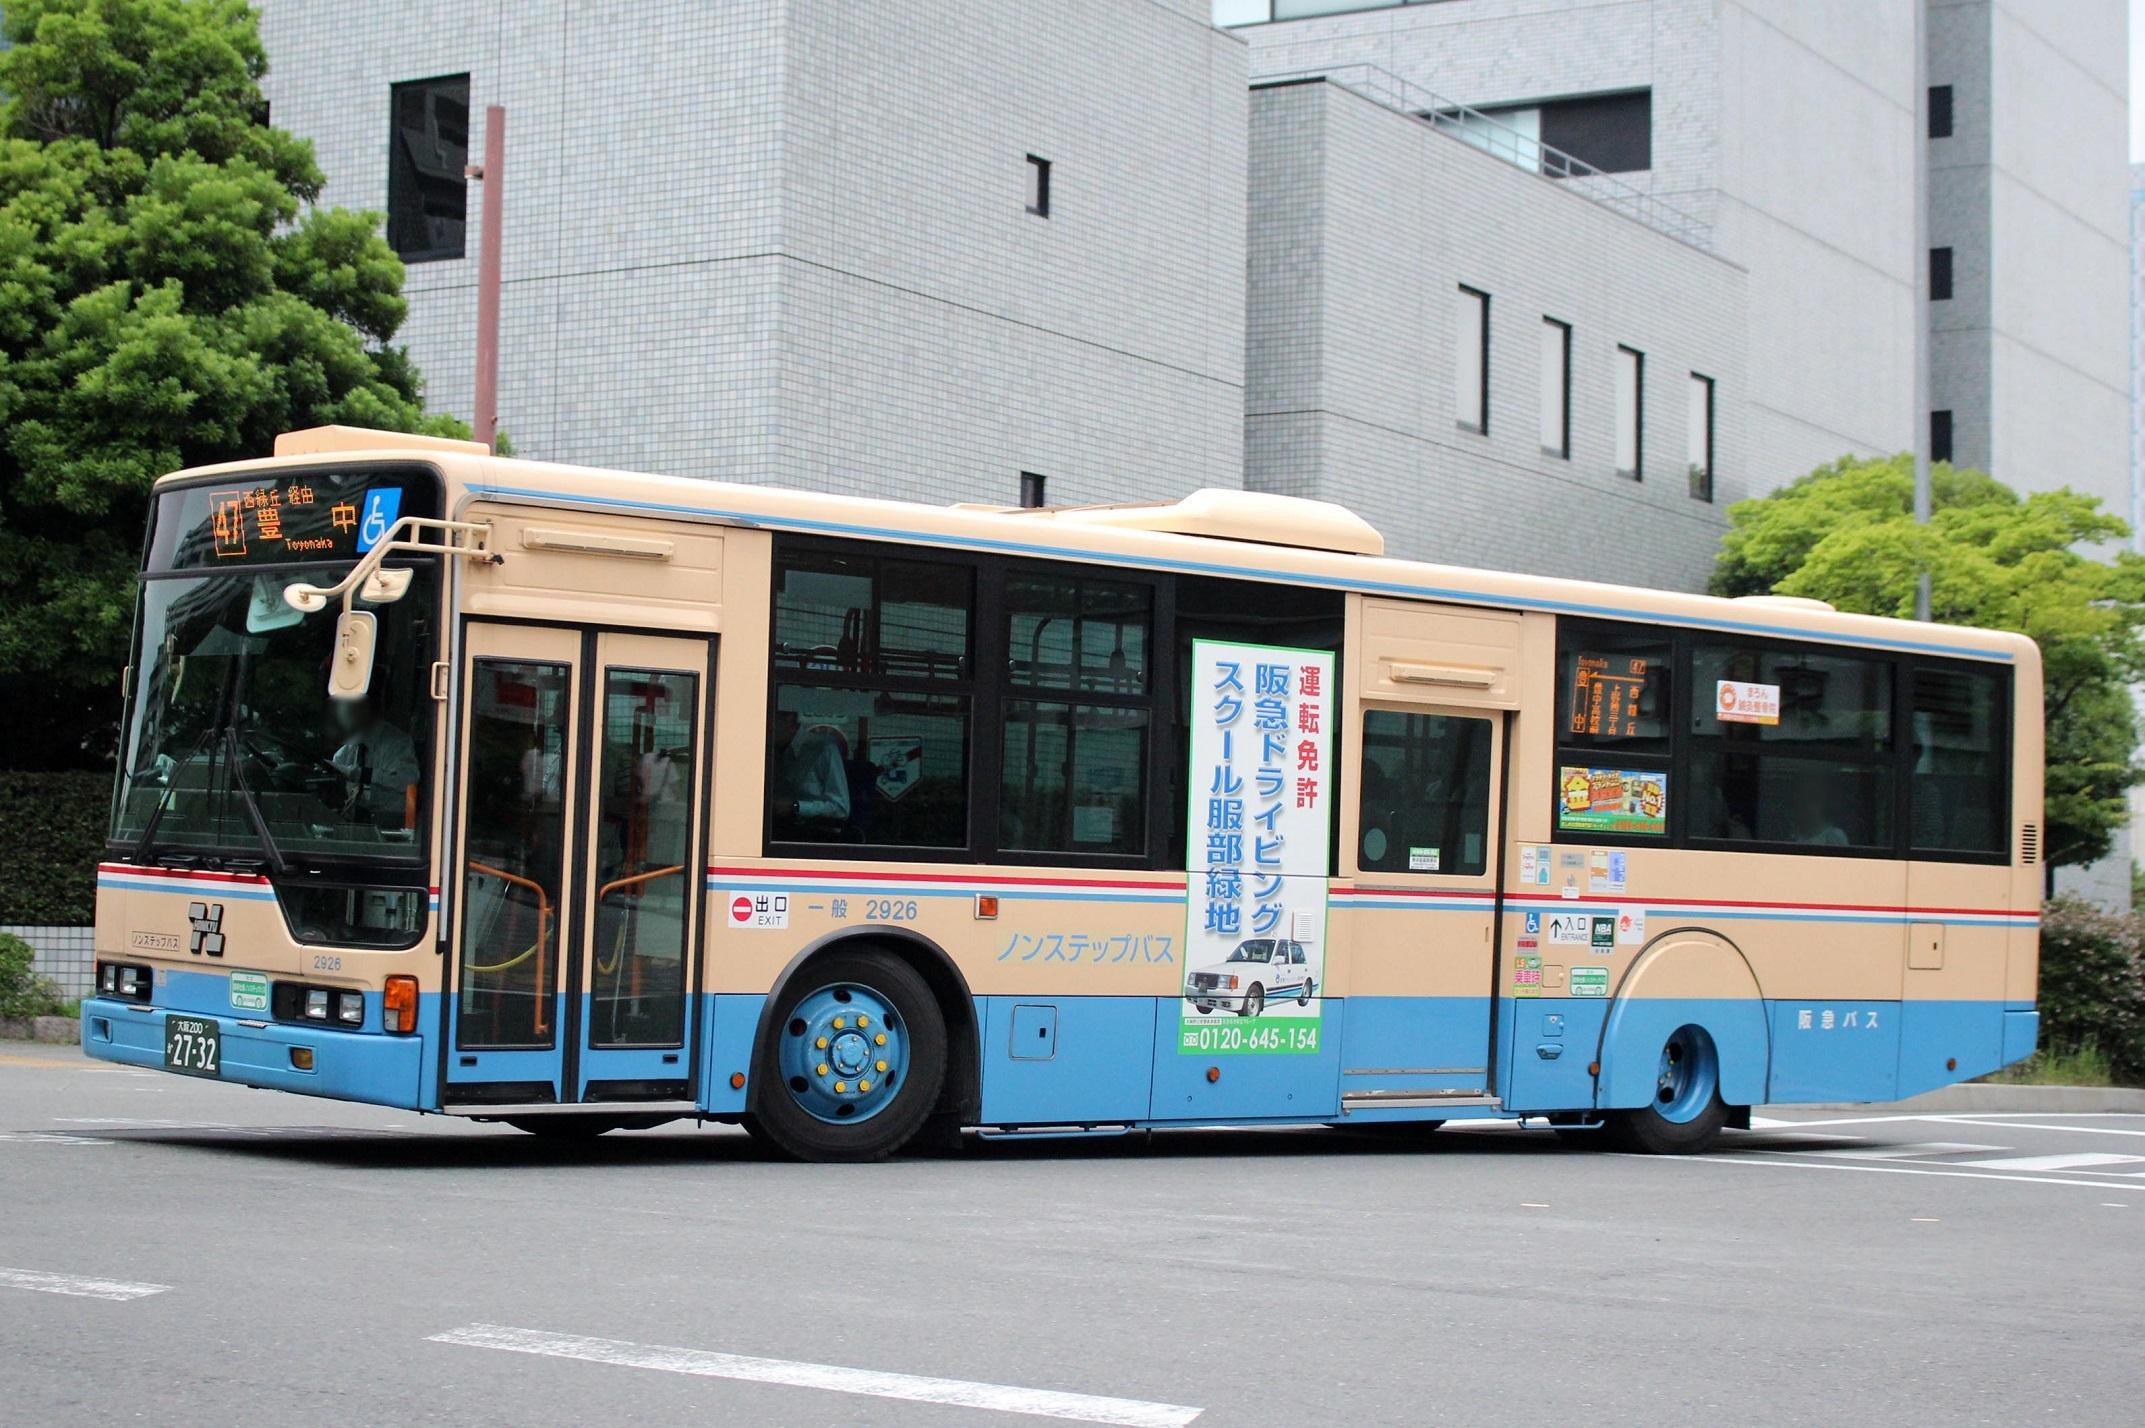 阪急バス 2926